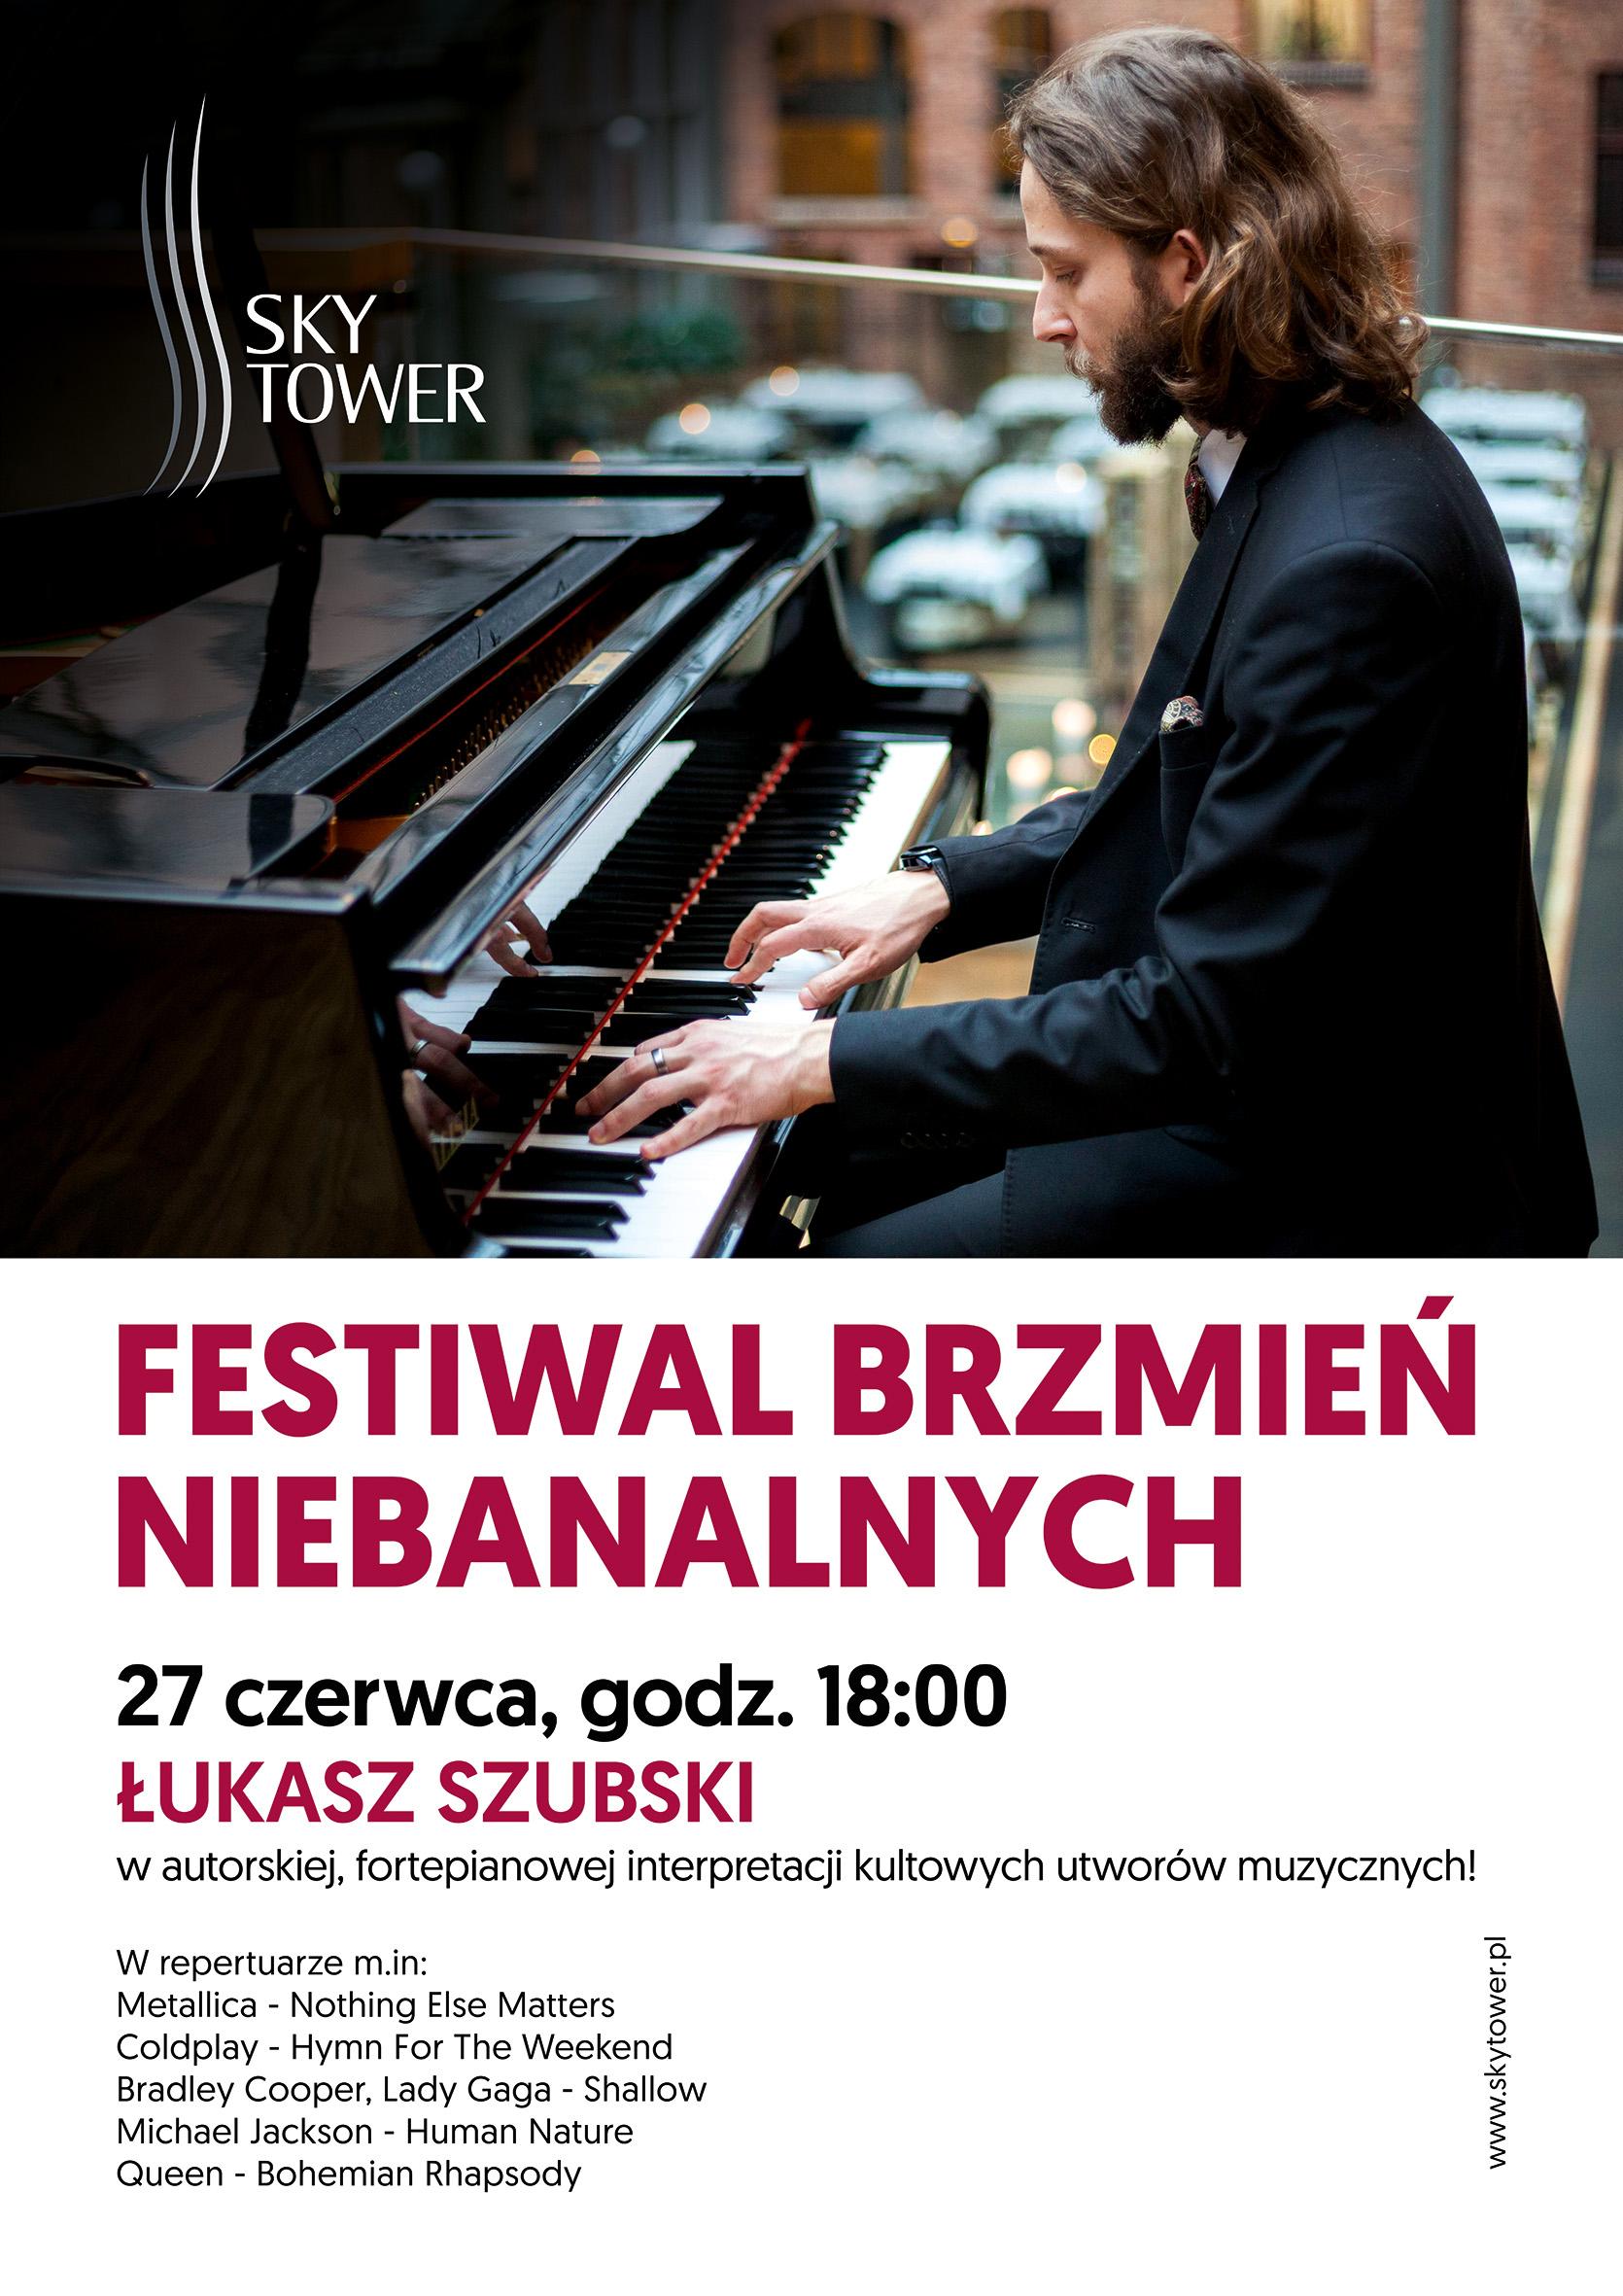 Festiwal Brzmień Niebanalnych w Sky Tower